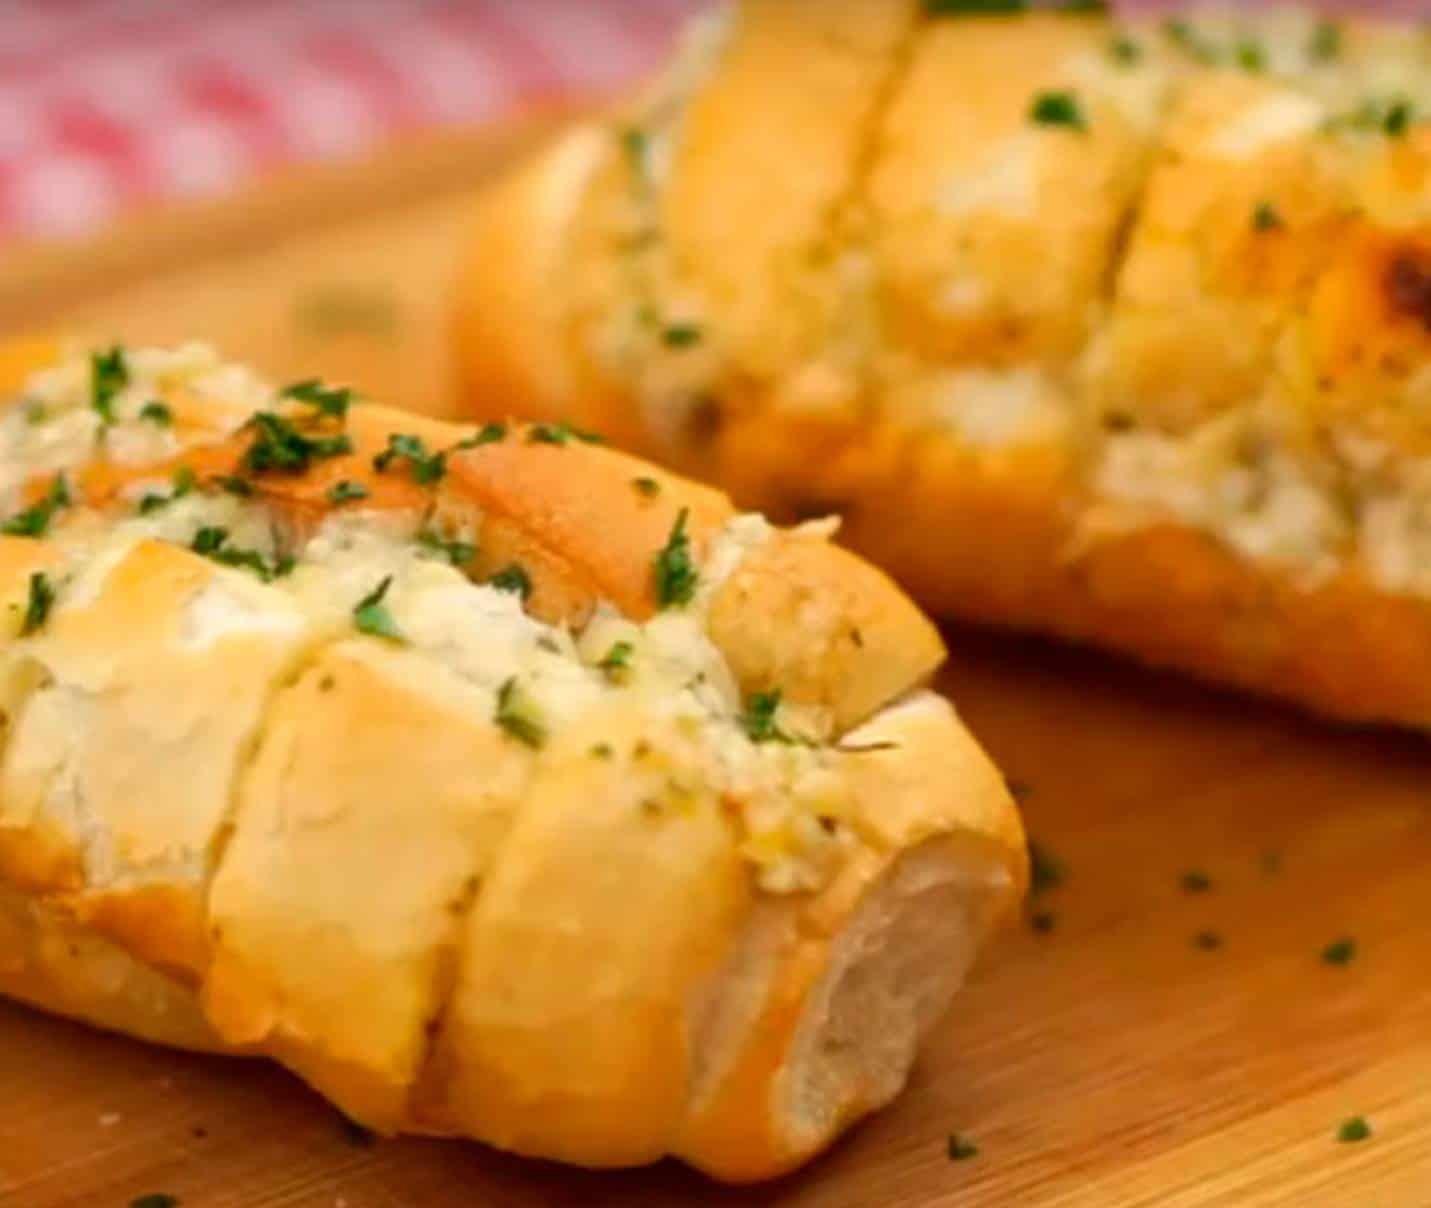 Rápido e fácil: Aprenda a fazer Pão de Alho poucos ingredientes